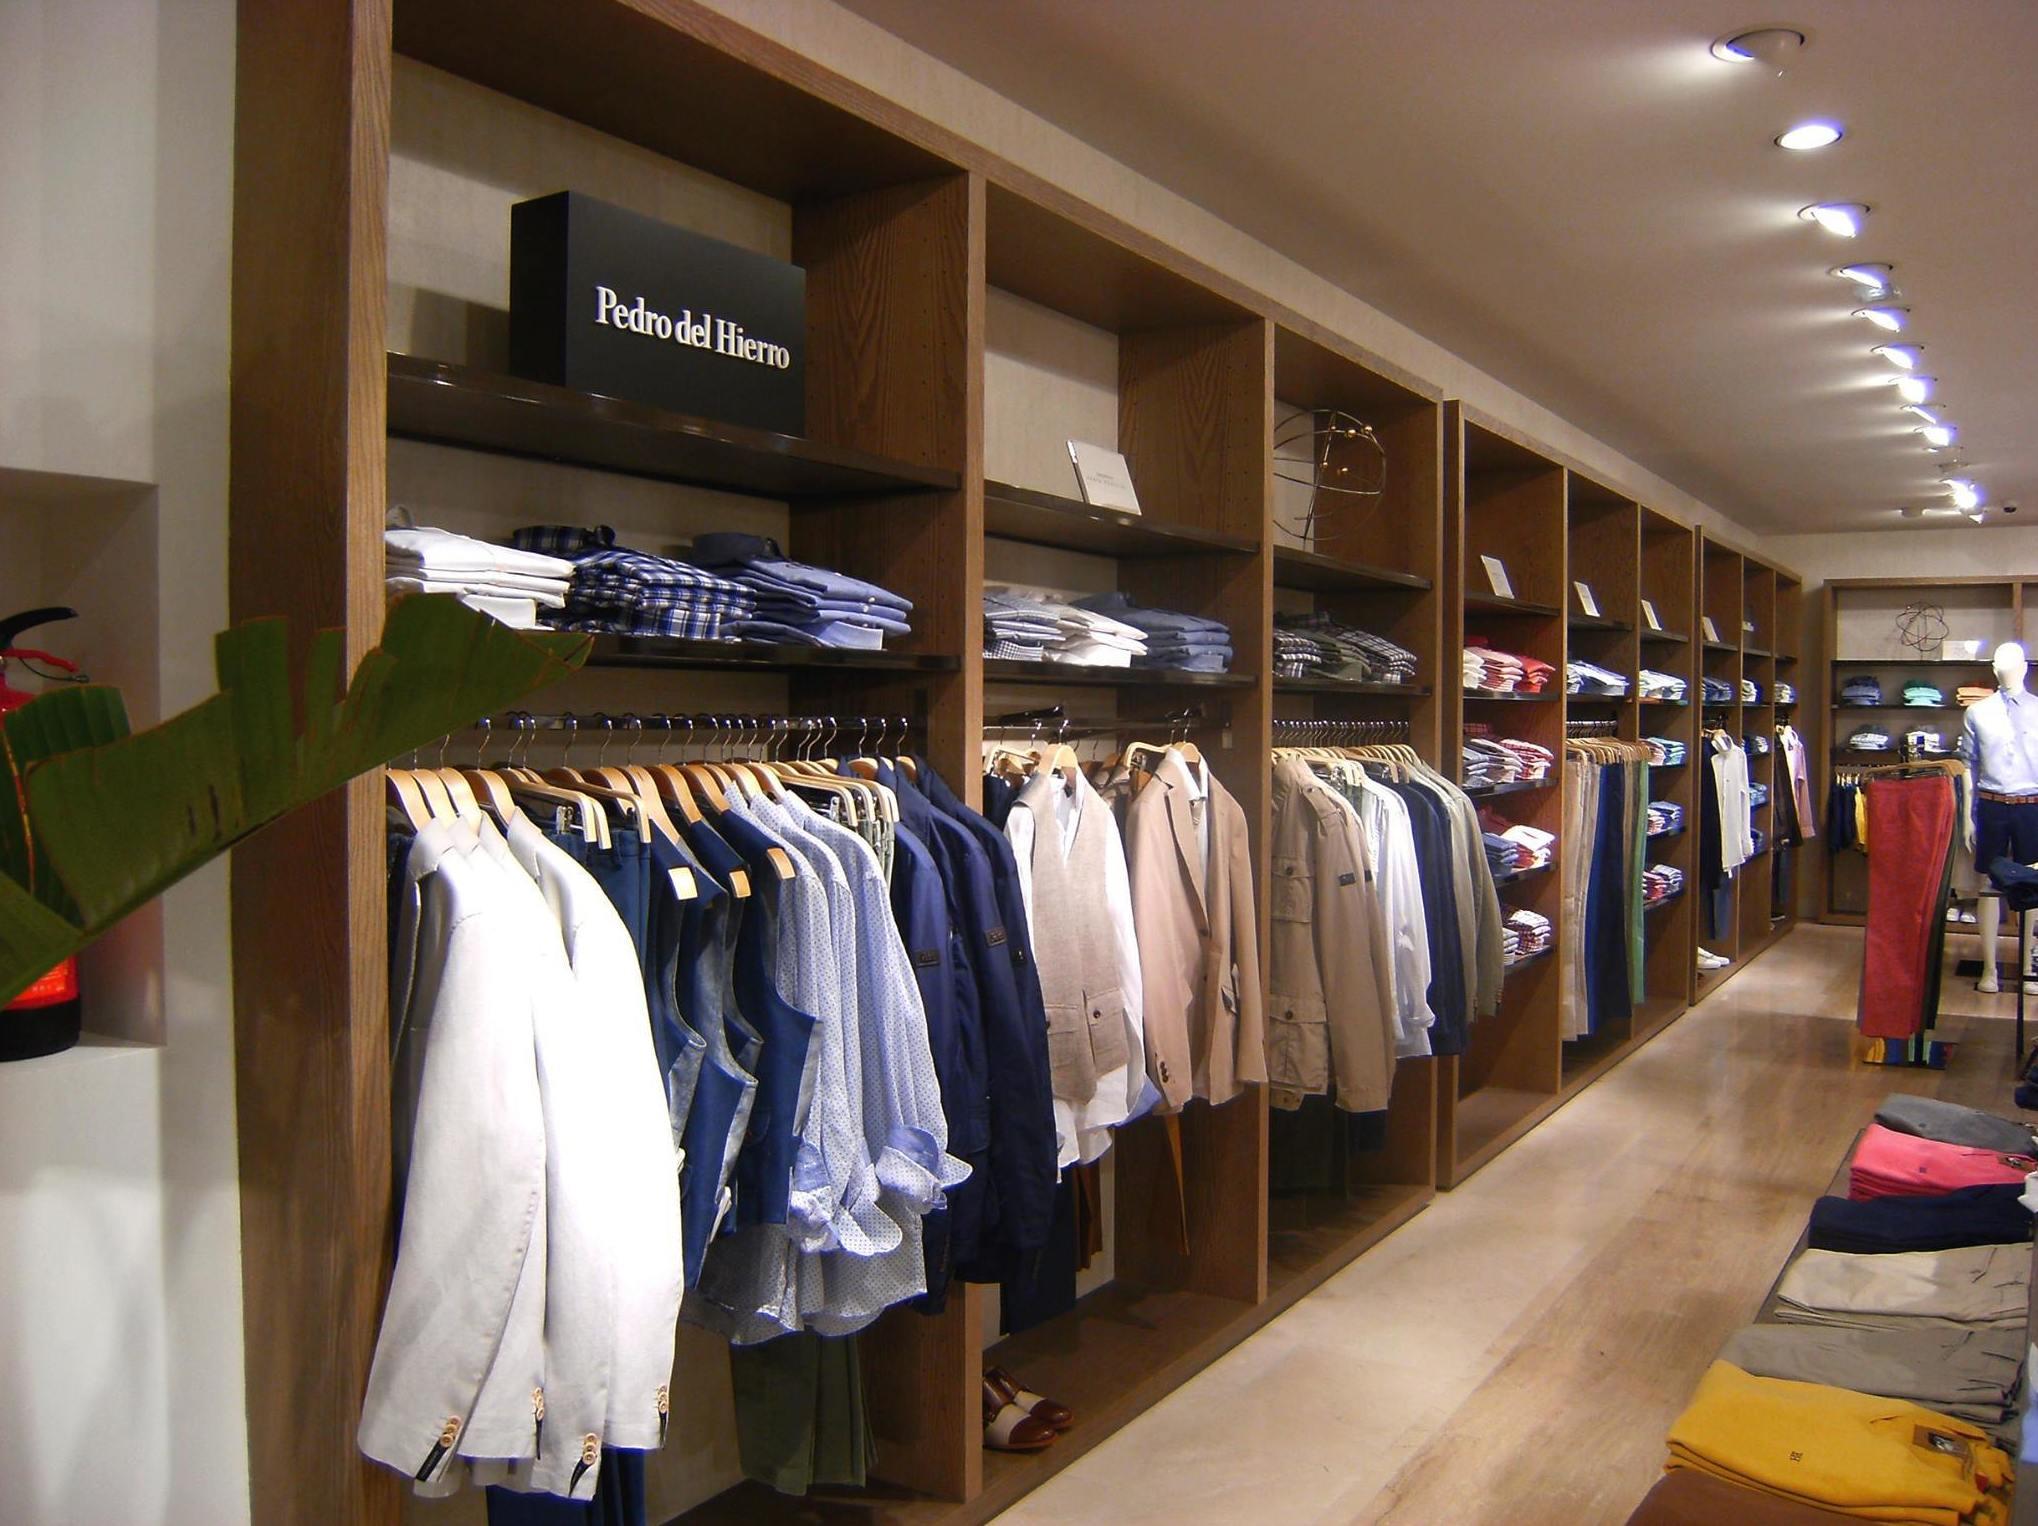 Ejecución proyectos interiorismo y mobiliario comercial sector Retail (Tiendas Grupo Cortefiel)